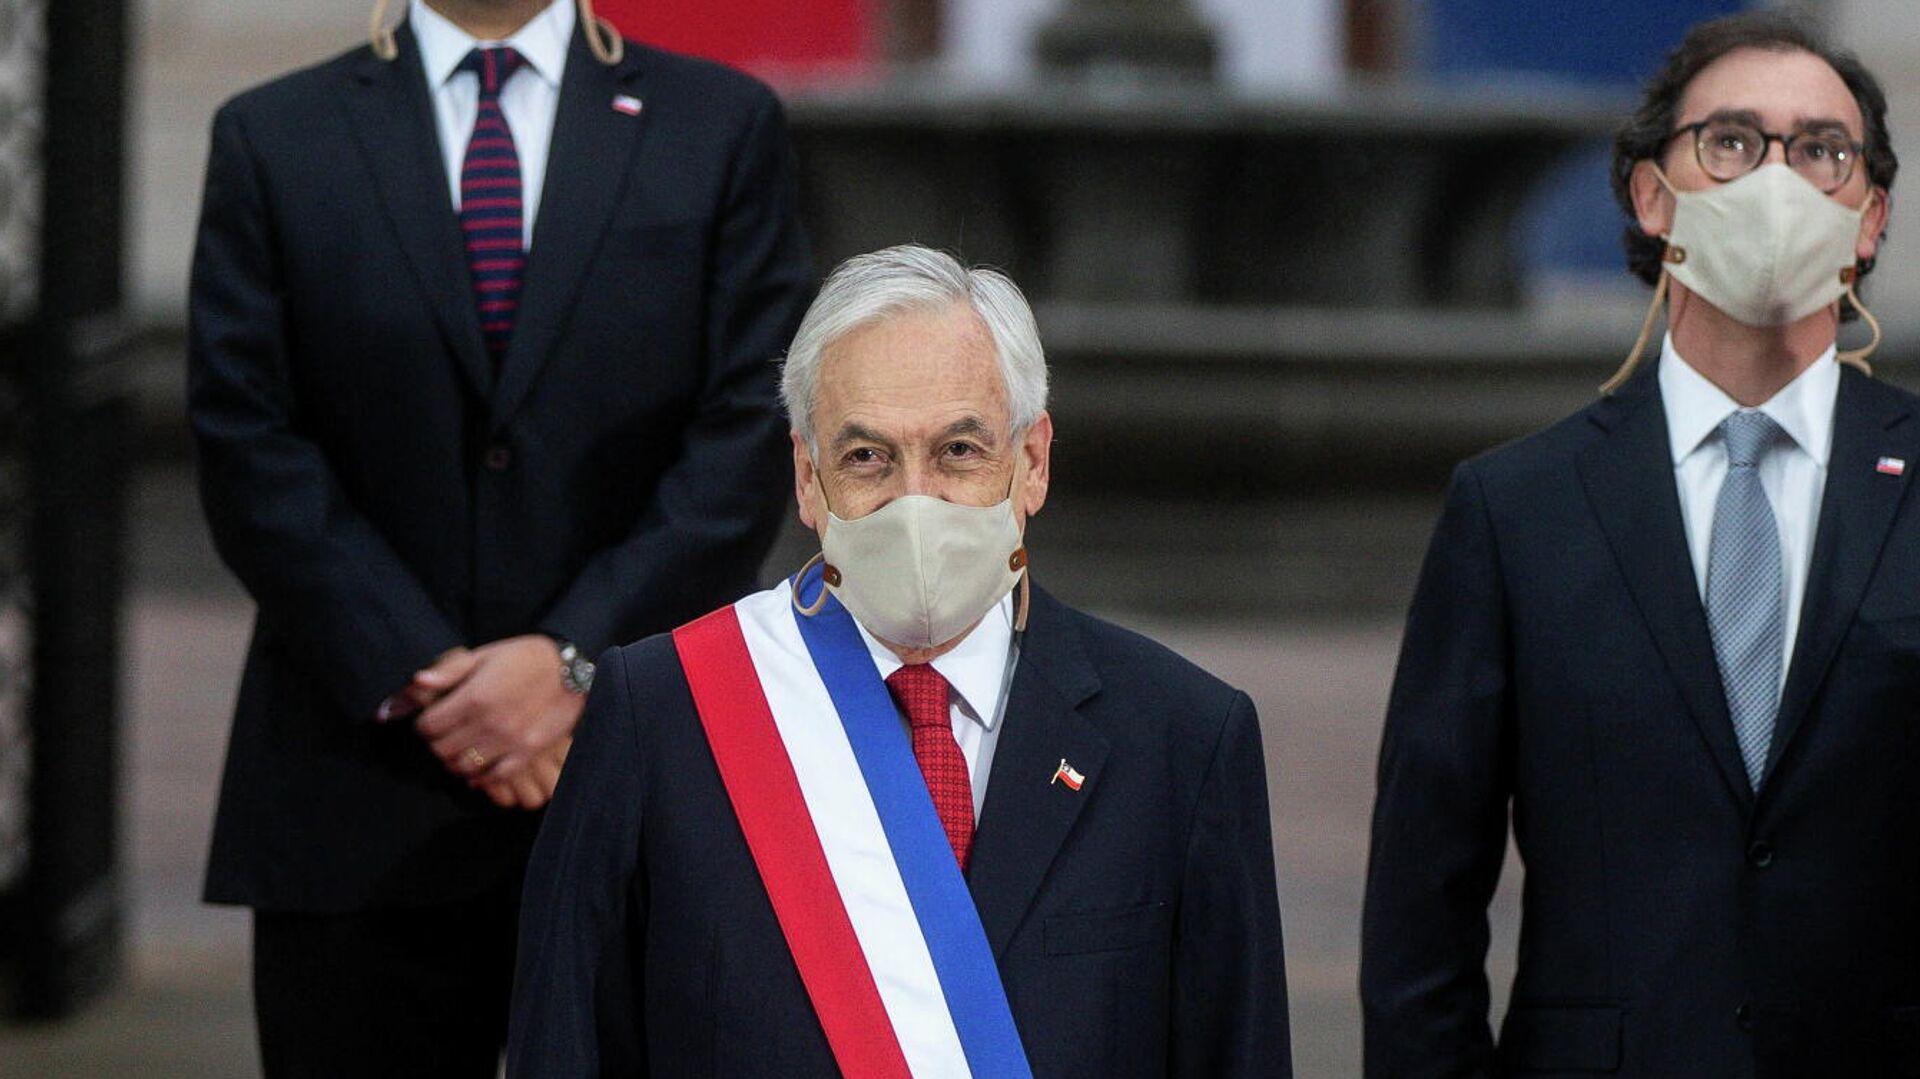 Sebastián Piñera, presidente de Chile, antes de su última cuenta pública, en Santiago, el 1 de junio del 2021 - Sputnik Mundo, 1920, 01.06.2021